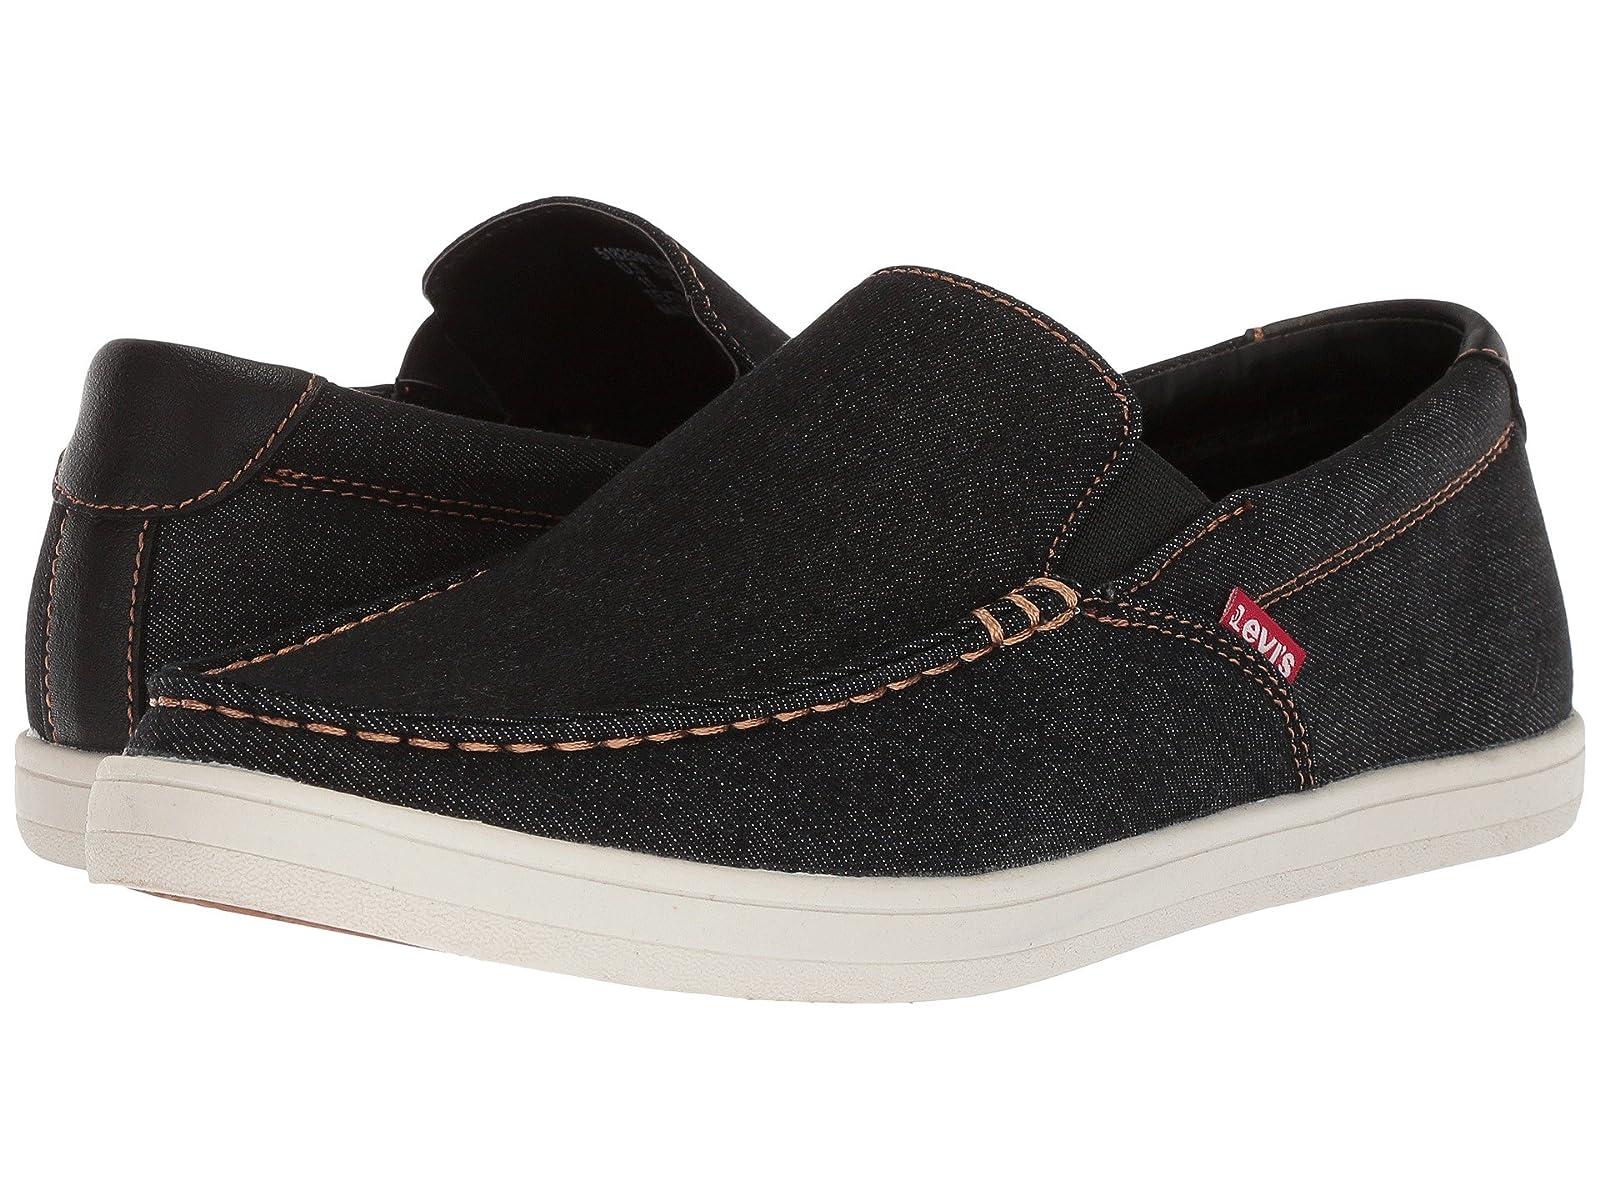 Levi's® Shoes Tiller Denim/NappaAtmospheric grades have affordable shoes